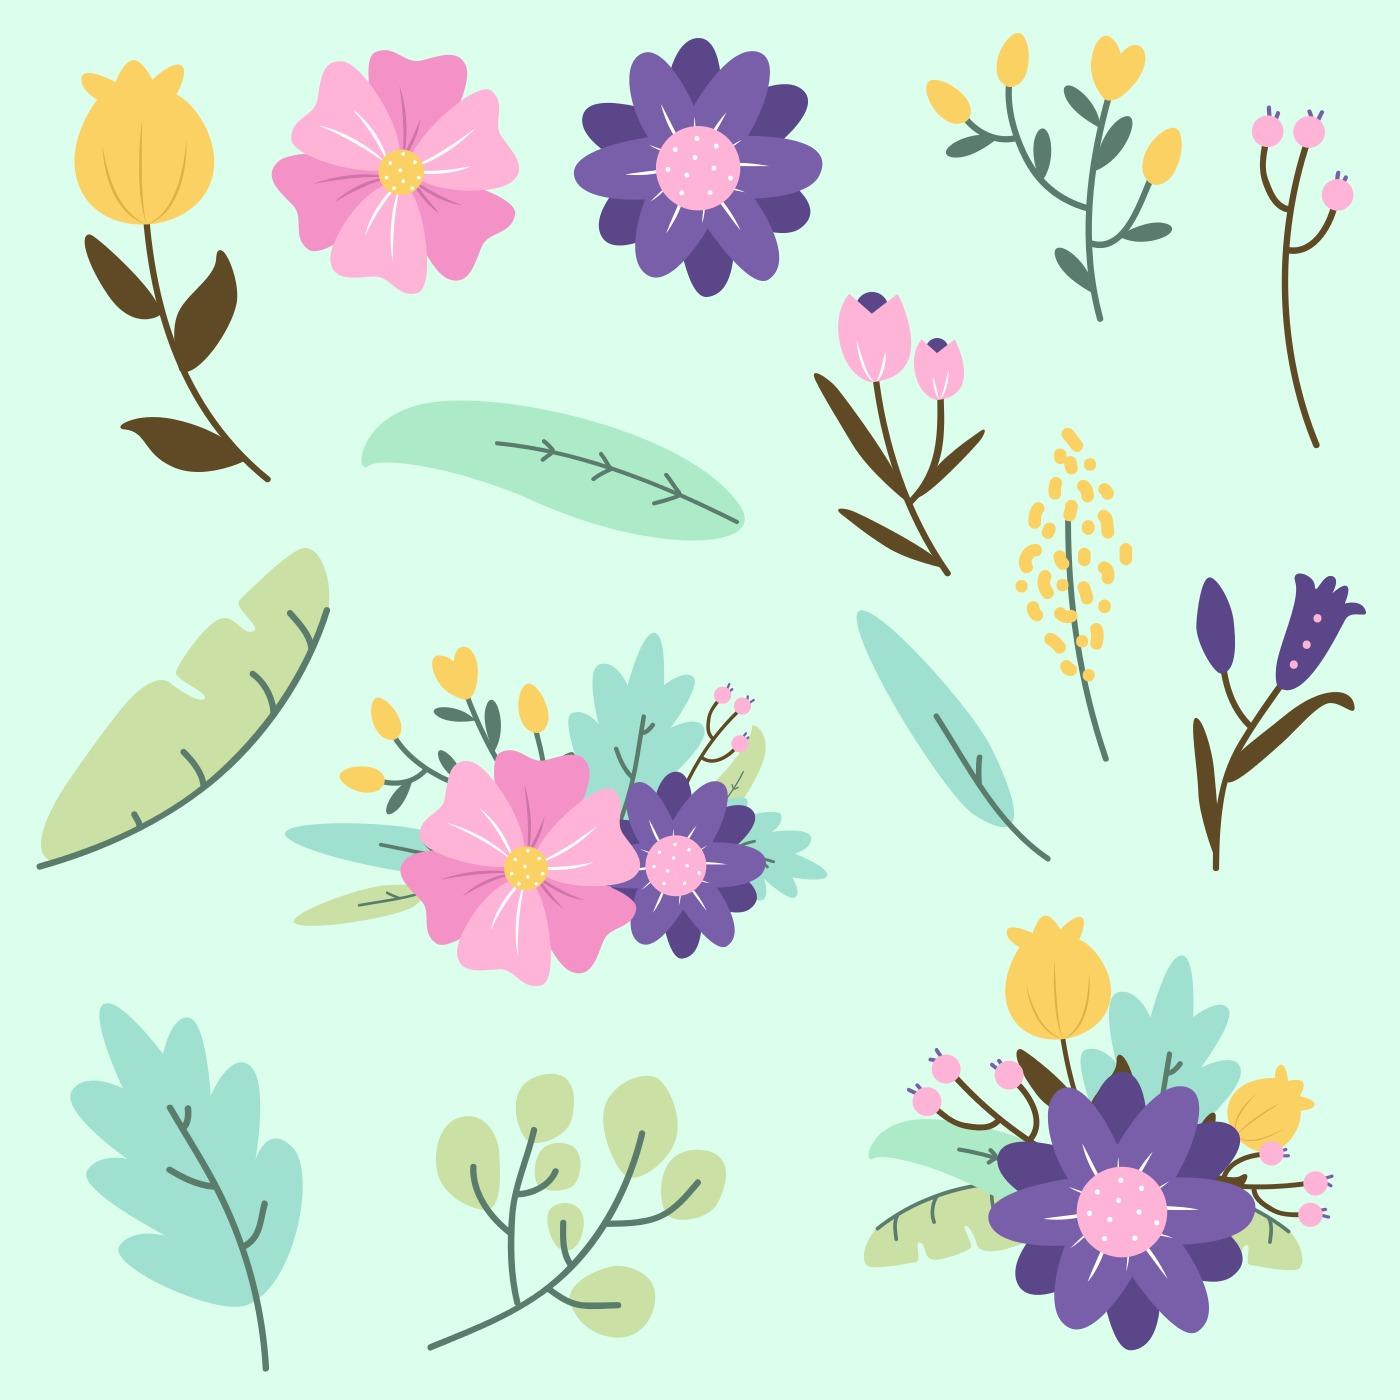 Flower Clip Art Free Vector Art - (2,701 Free Downloads)